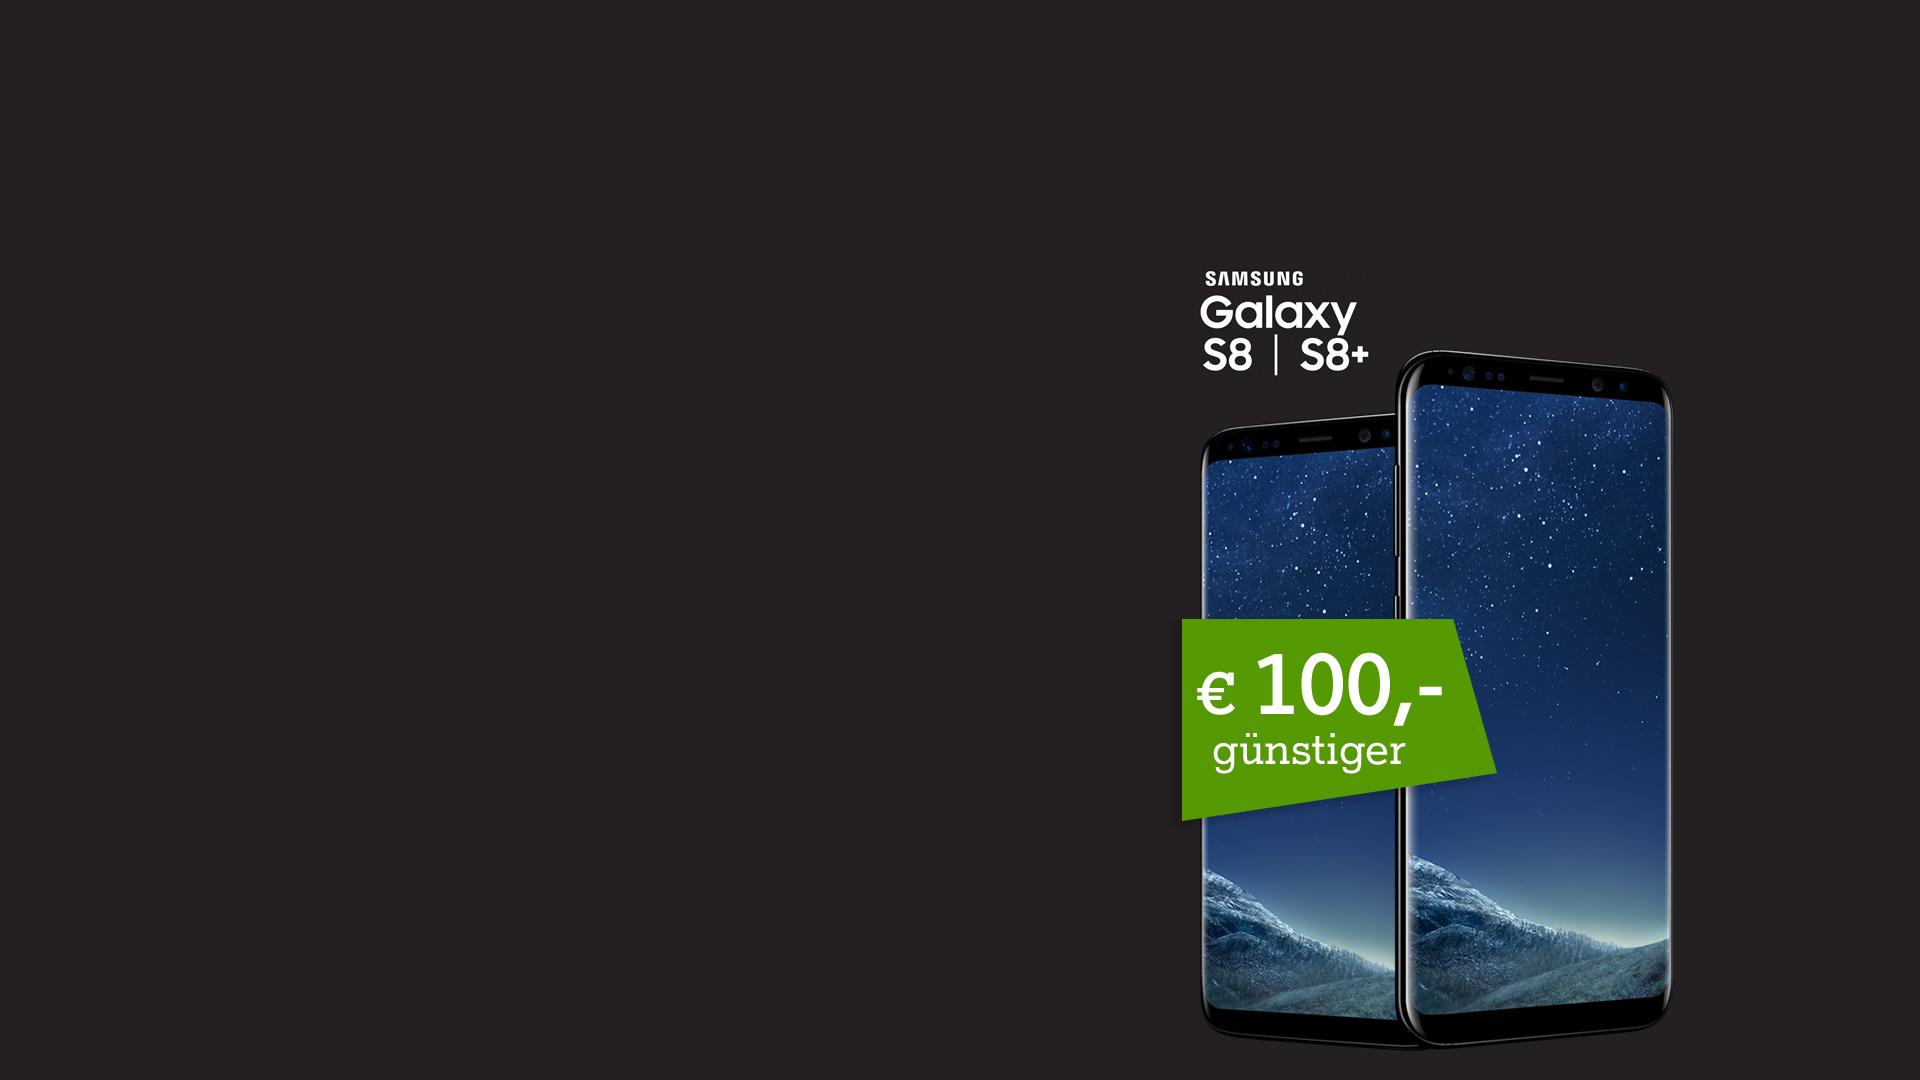 Samsung Galaxy S8 jetzt € 100,- günstiger